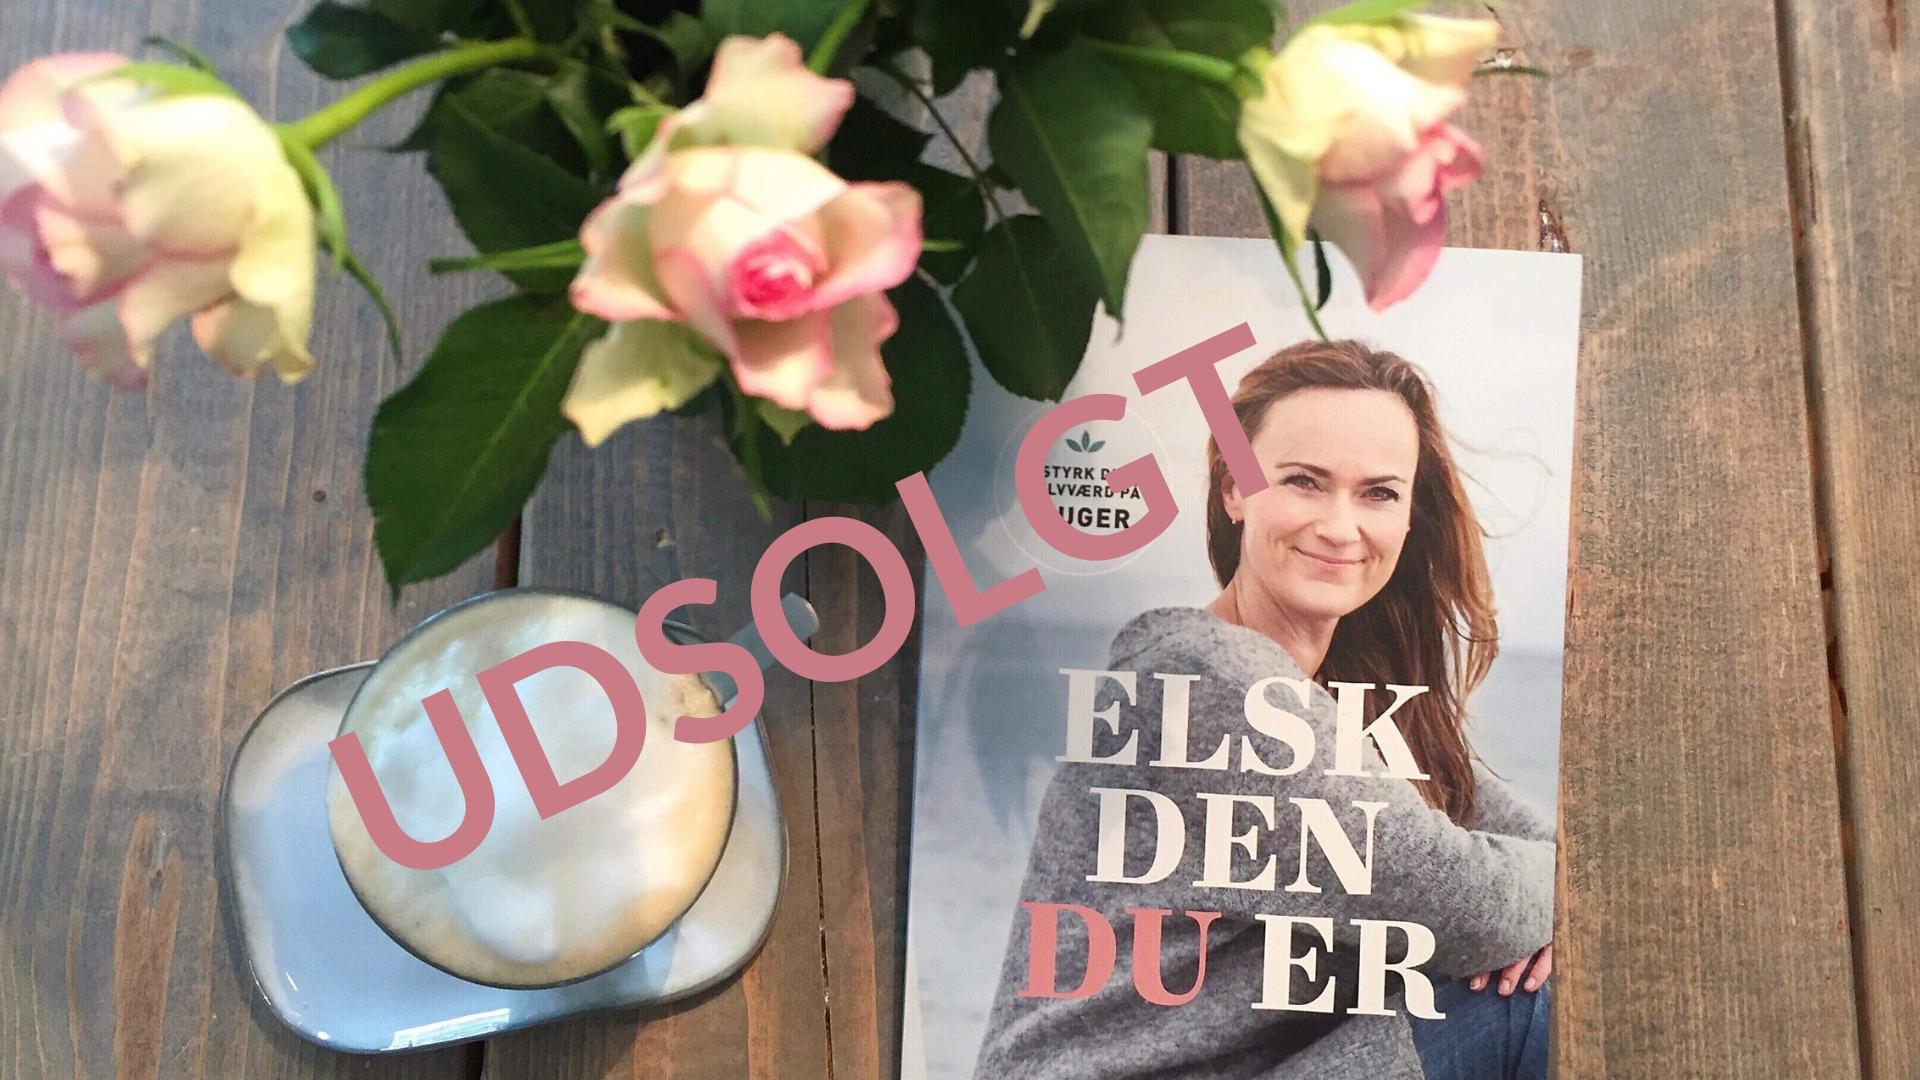 Billede www- udsolgt